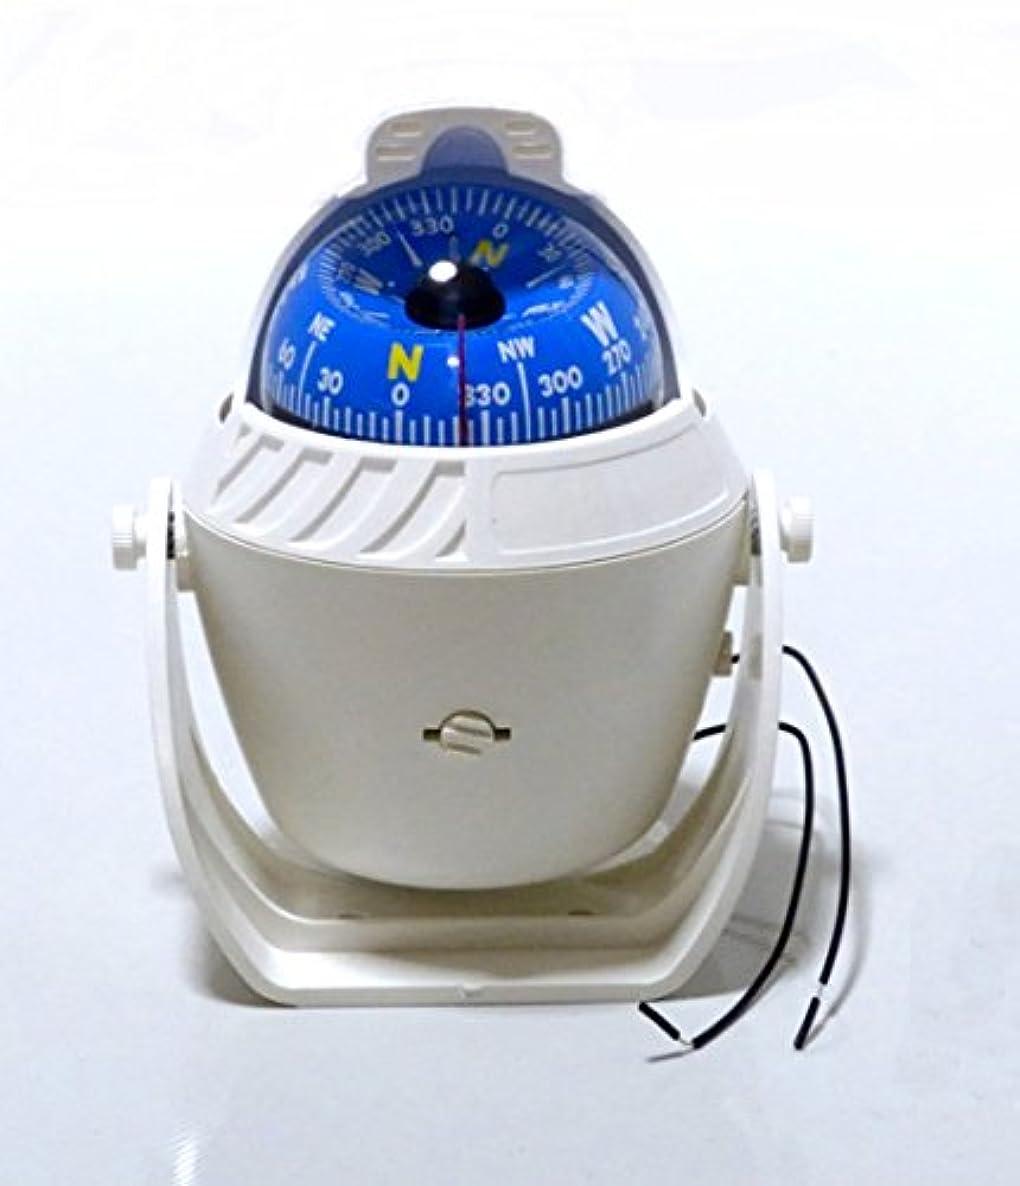 お願いします選択する統計マリンコンパス 12V LEDライト付 船舶用 方位磁石 オイル式 日本語説明書付